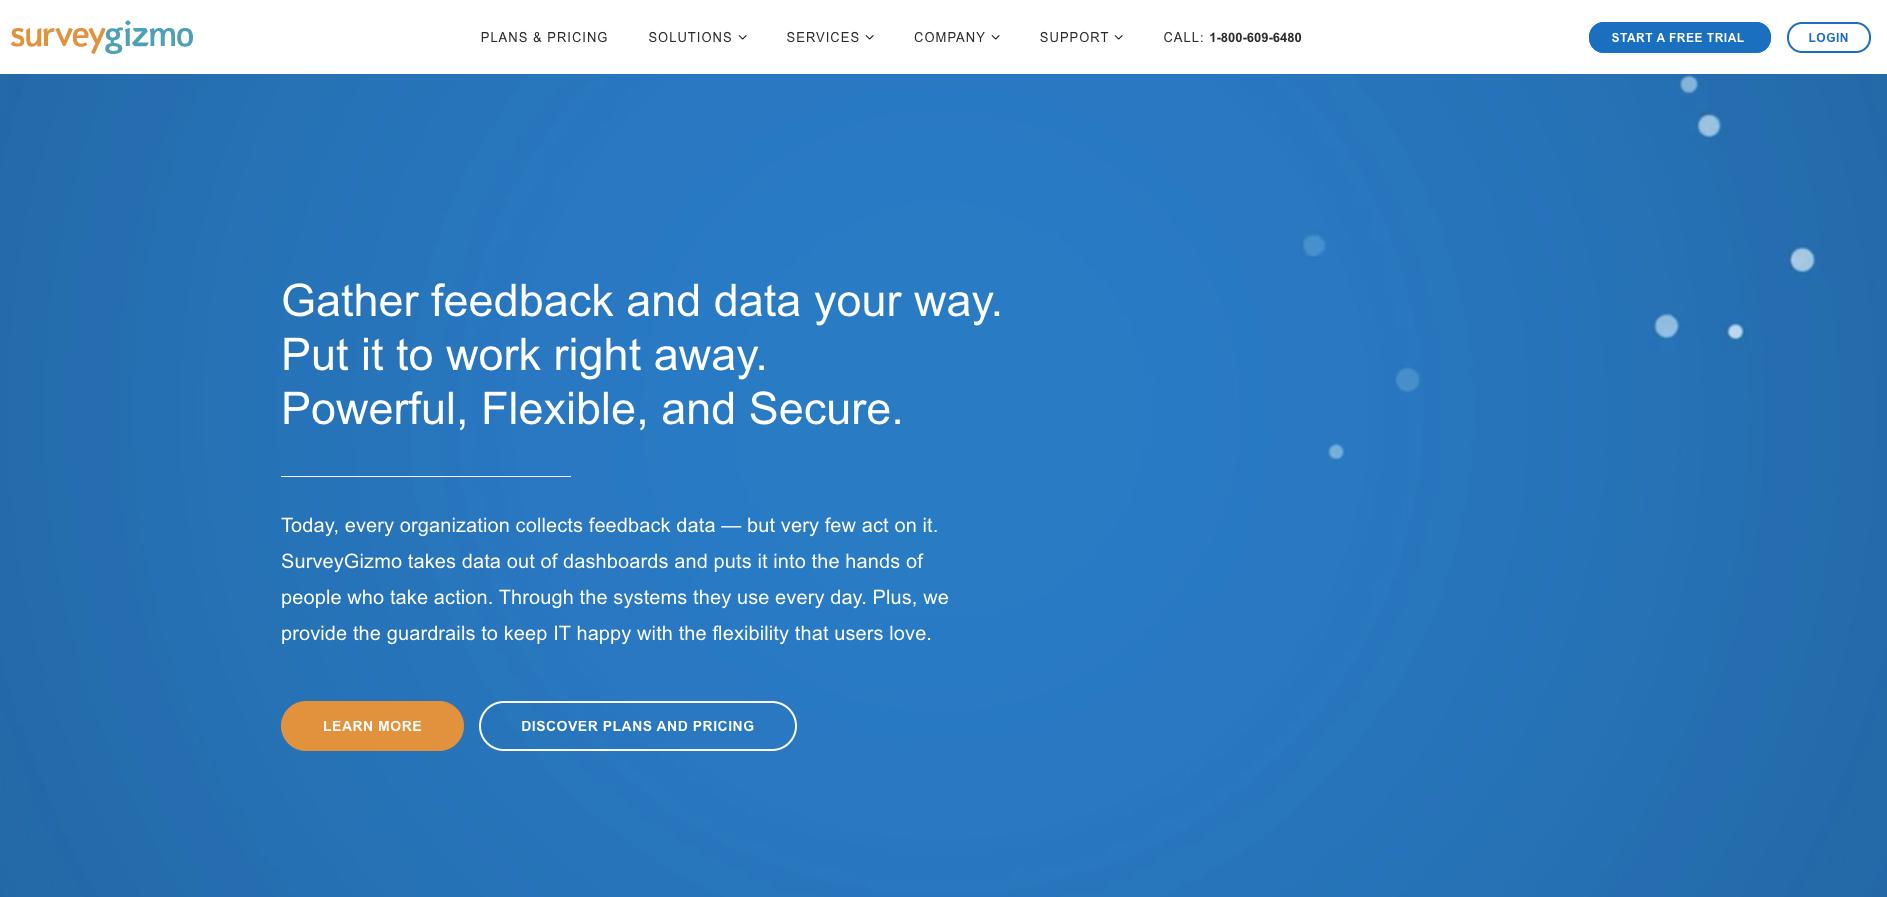 Surveygizmo ist ebenfalls ein praktisches Tool für Umfragen